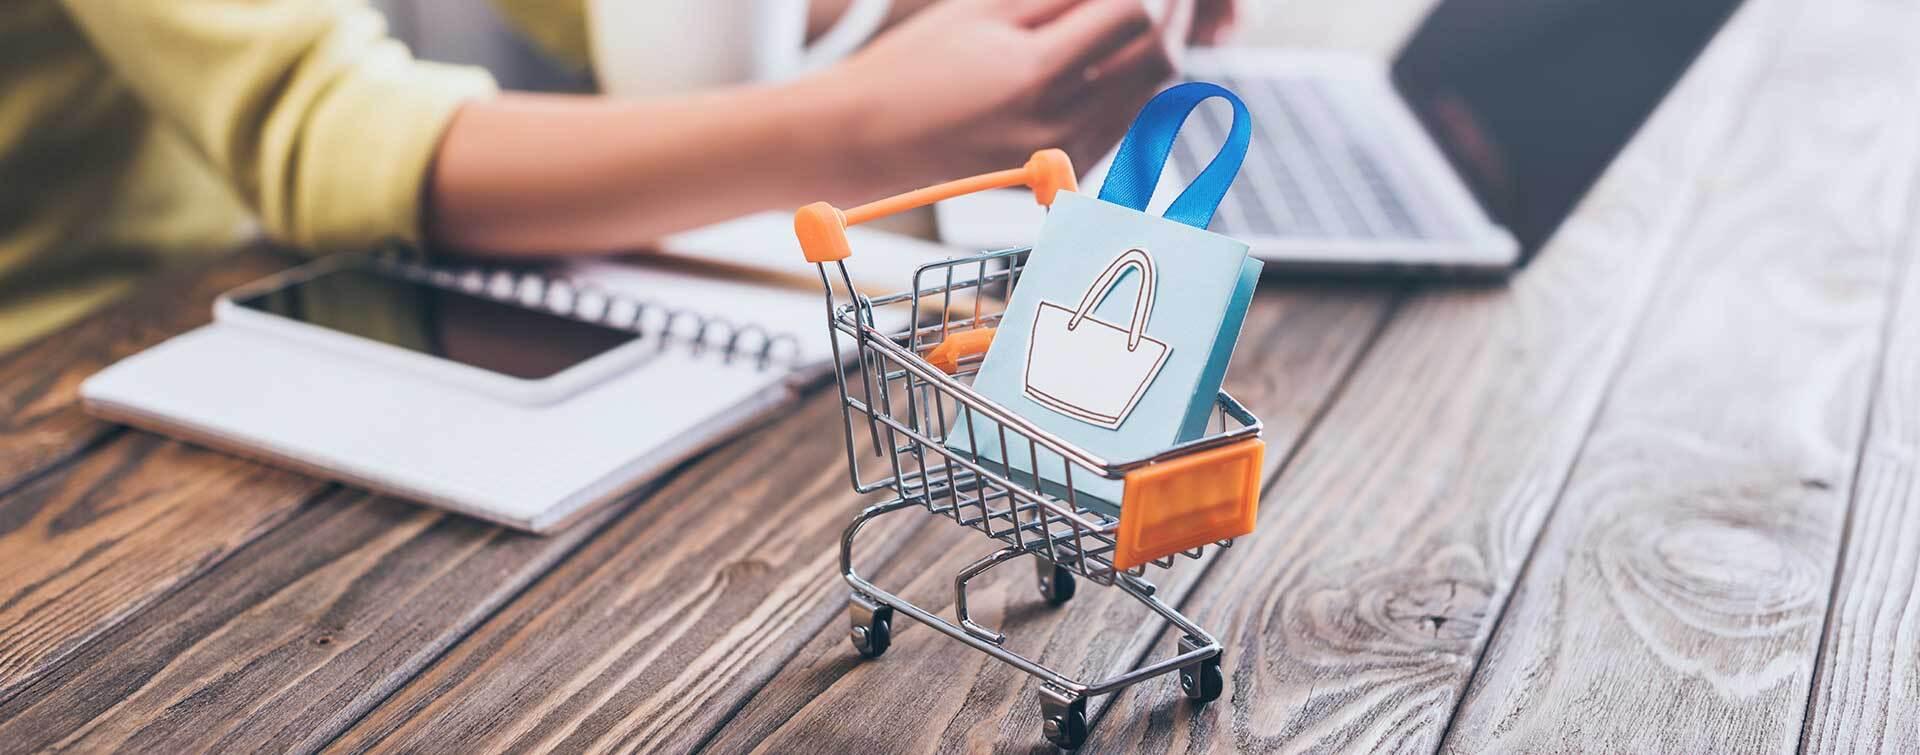 Zwroty zakupów online - badanie Furgonetka.pl